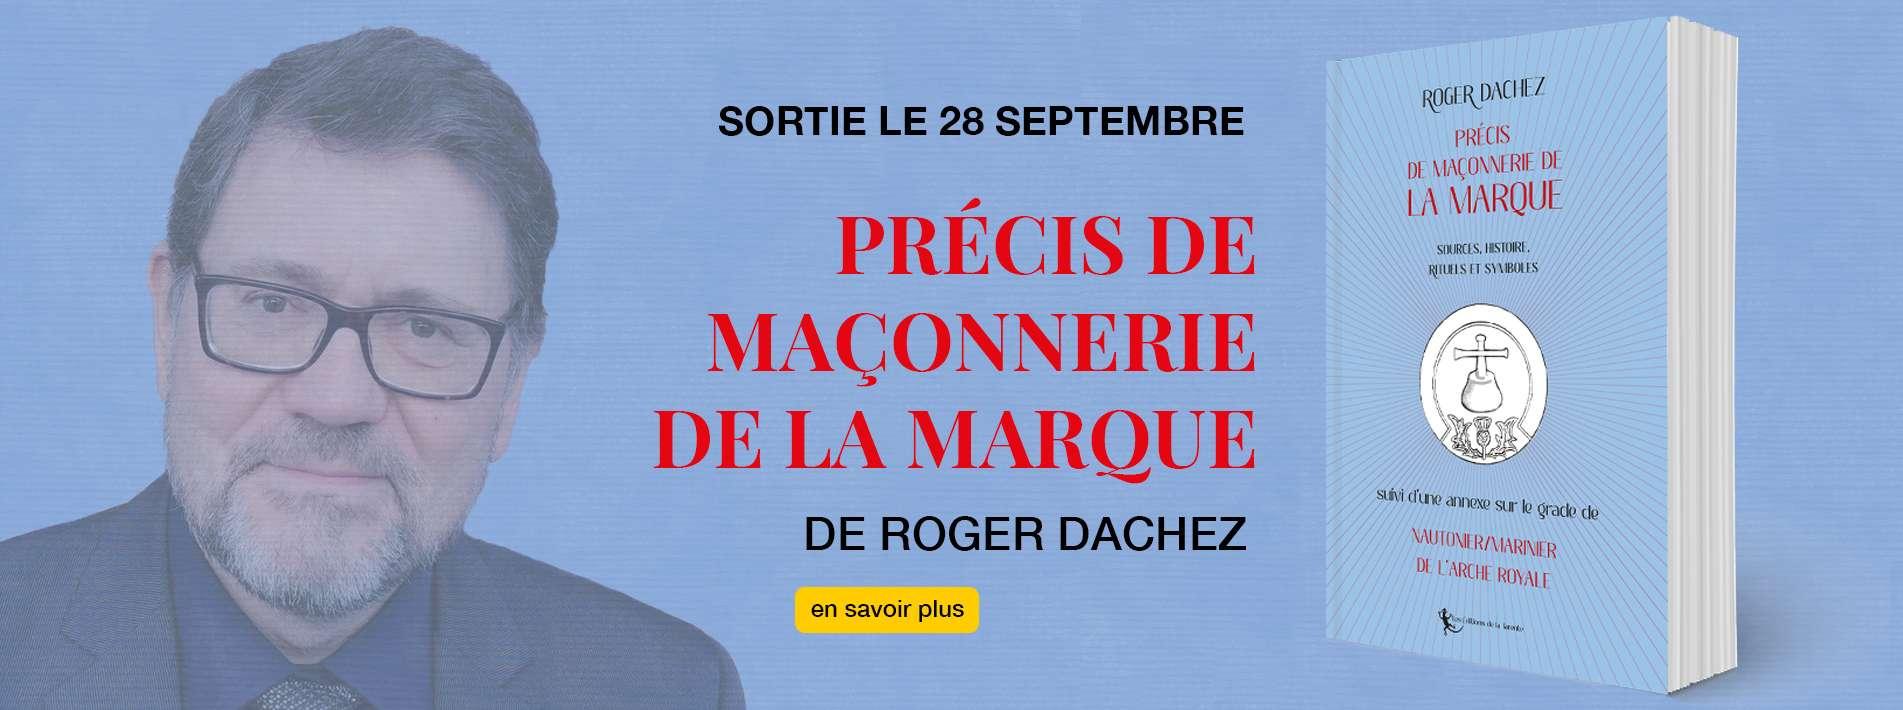 Précis de maçonnerie de la Marque de Roger Dachez